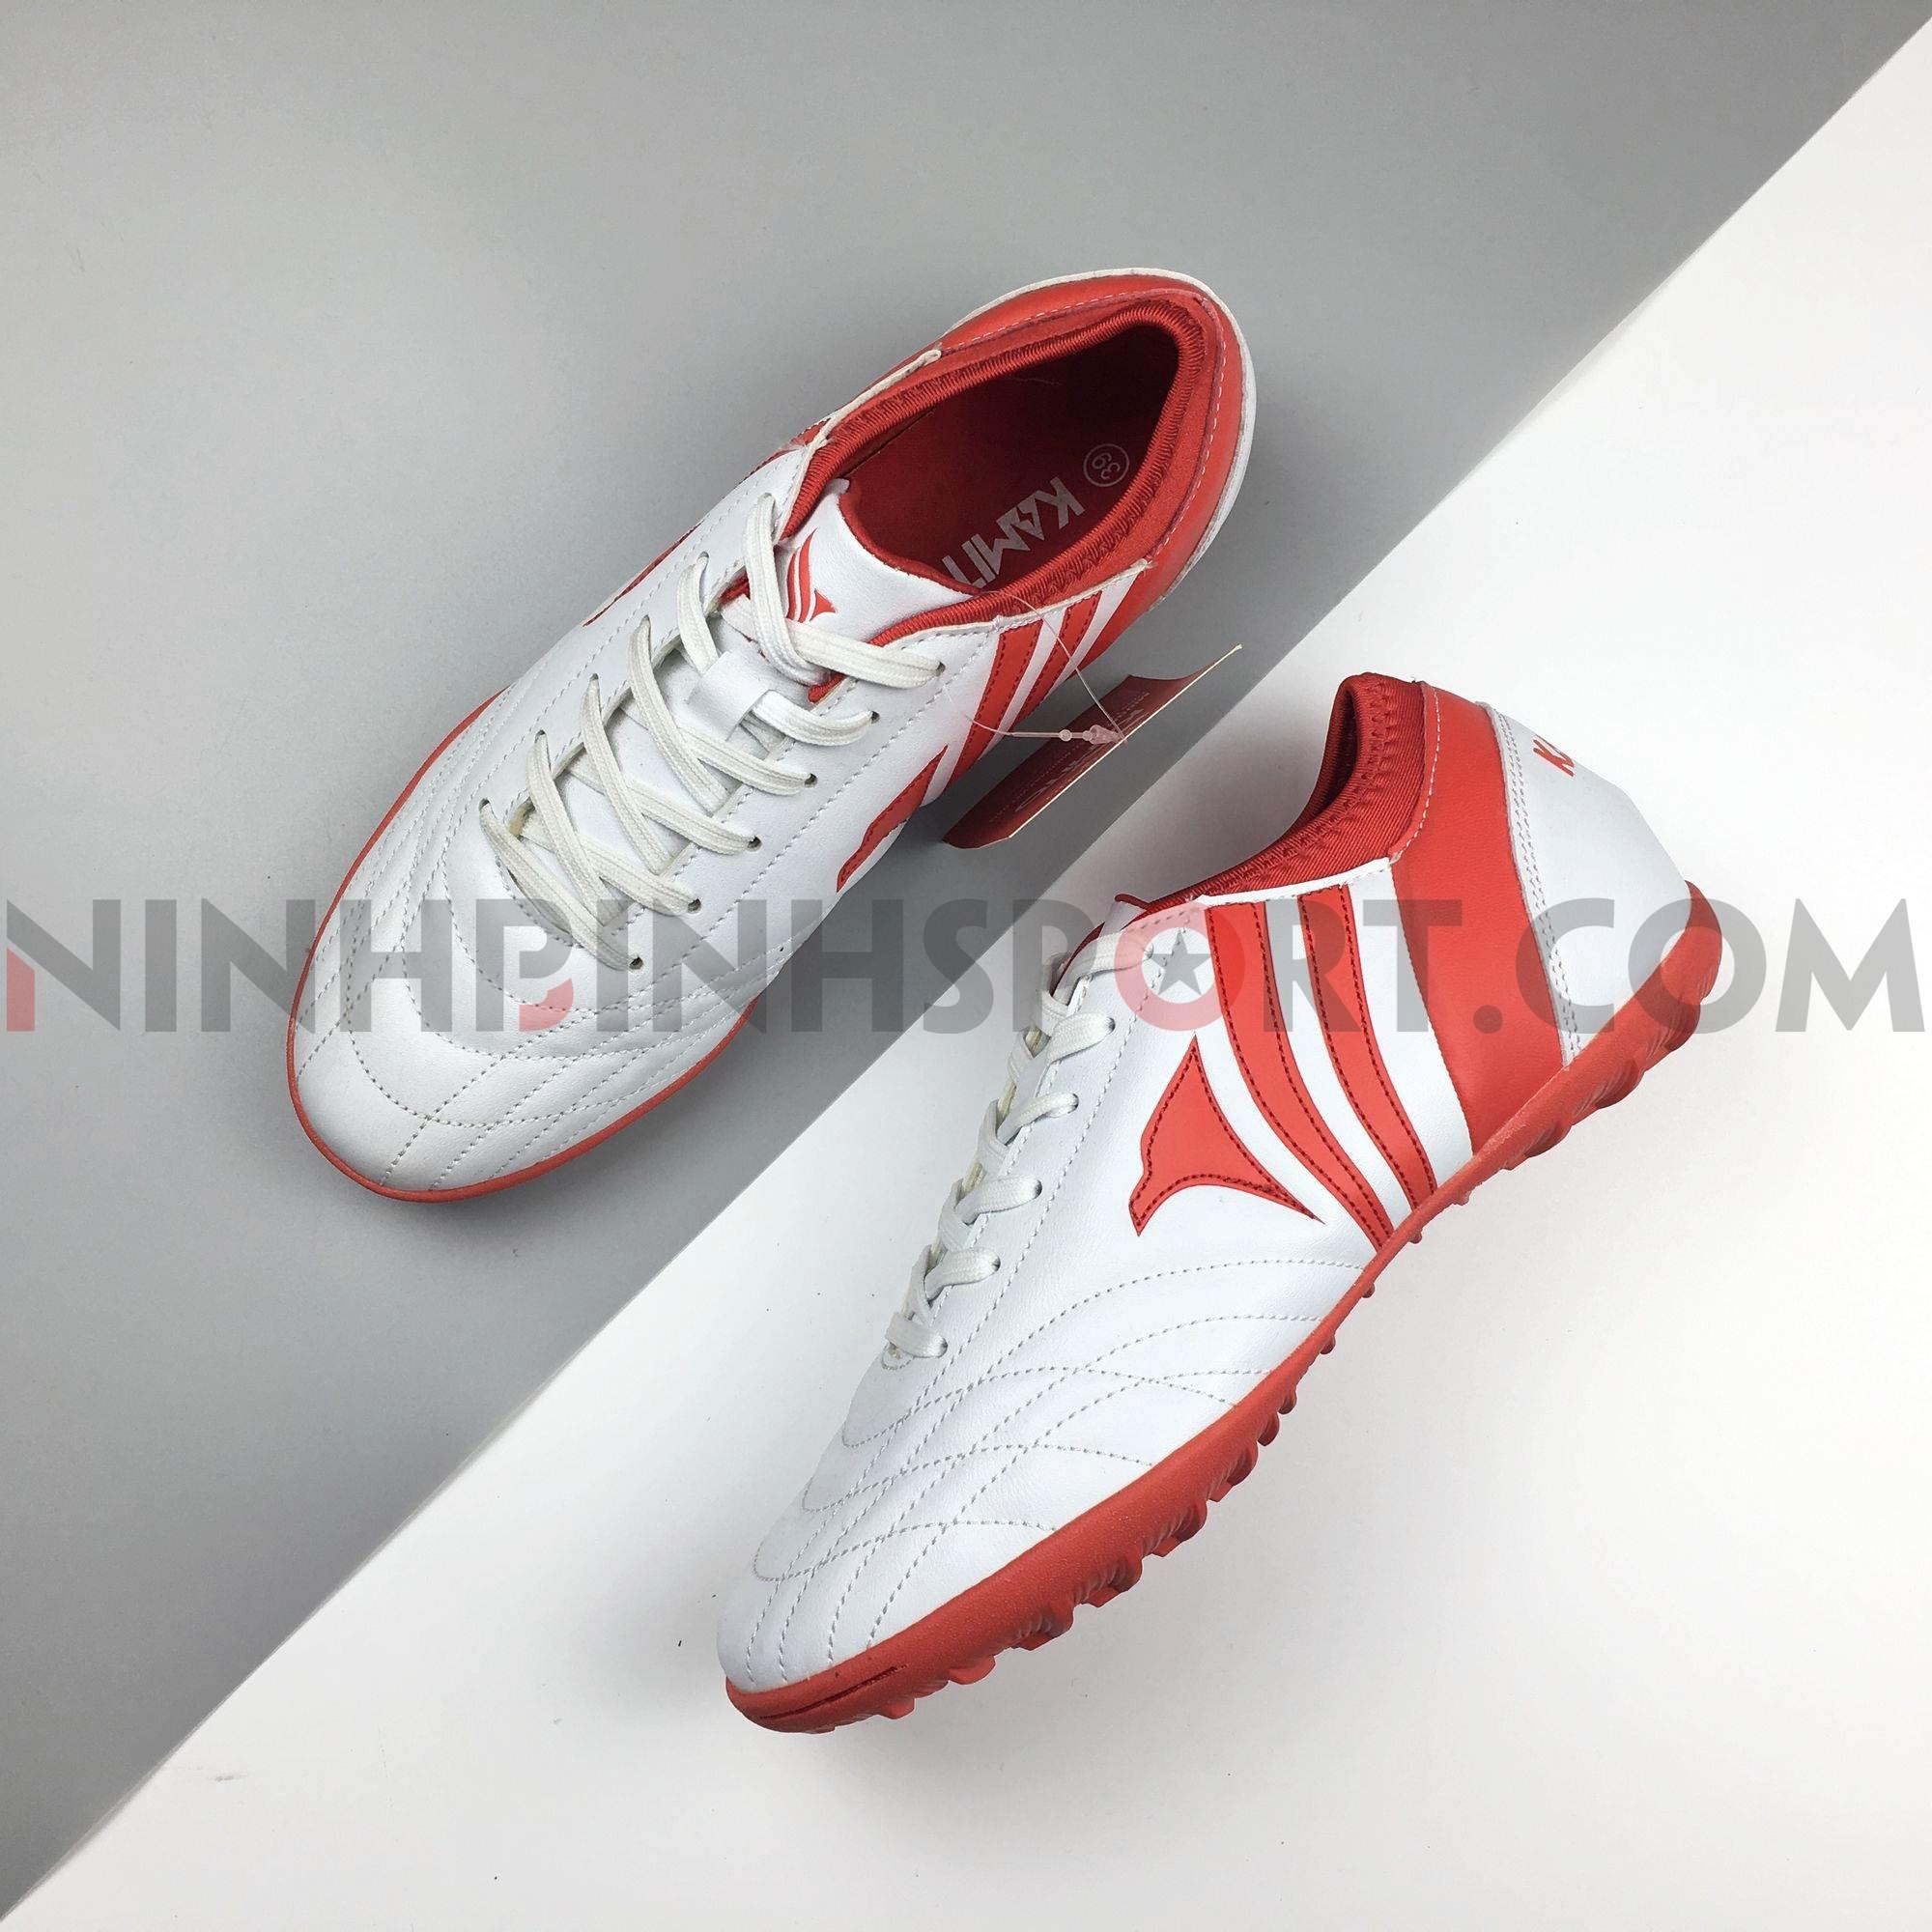 Giày bóng đá nam Kamito Espada F19100